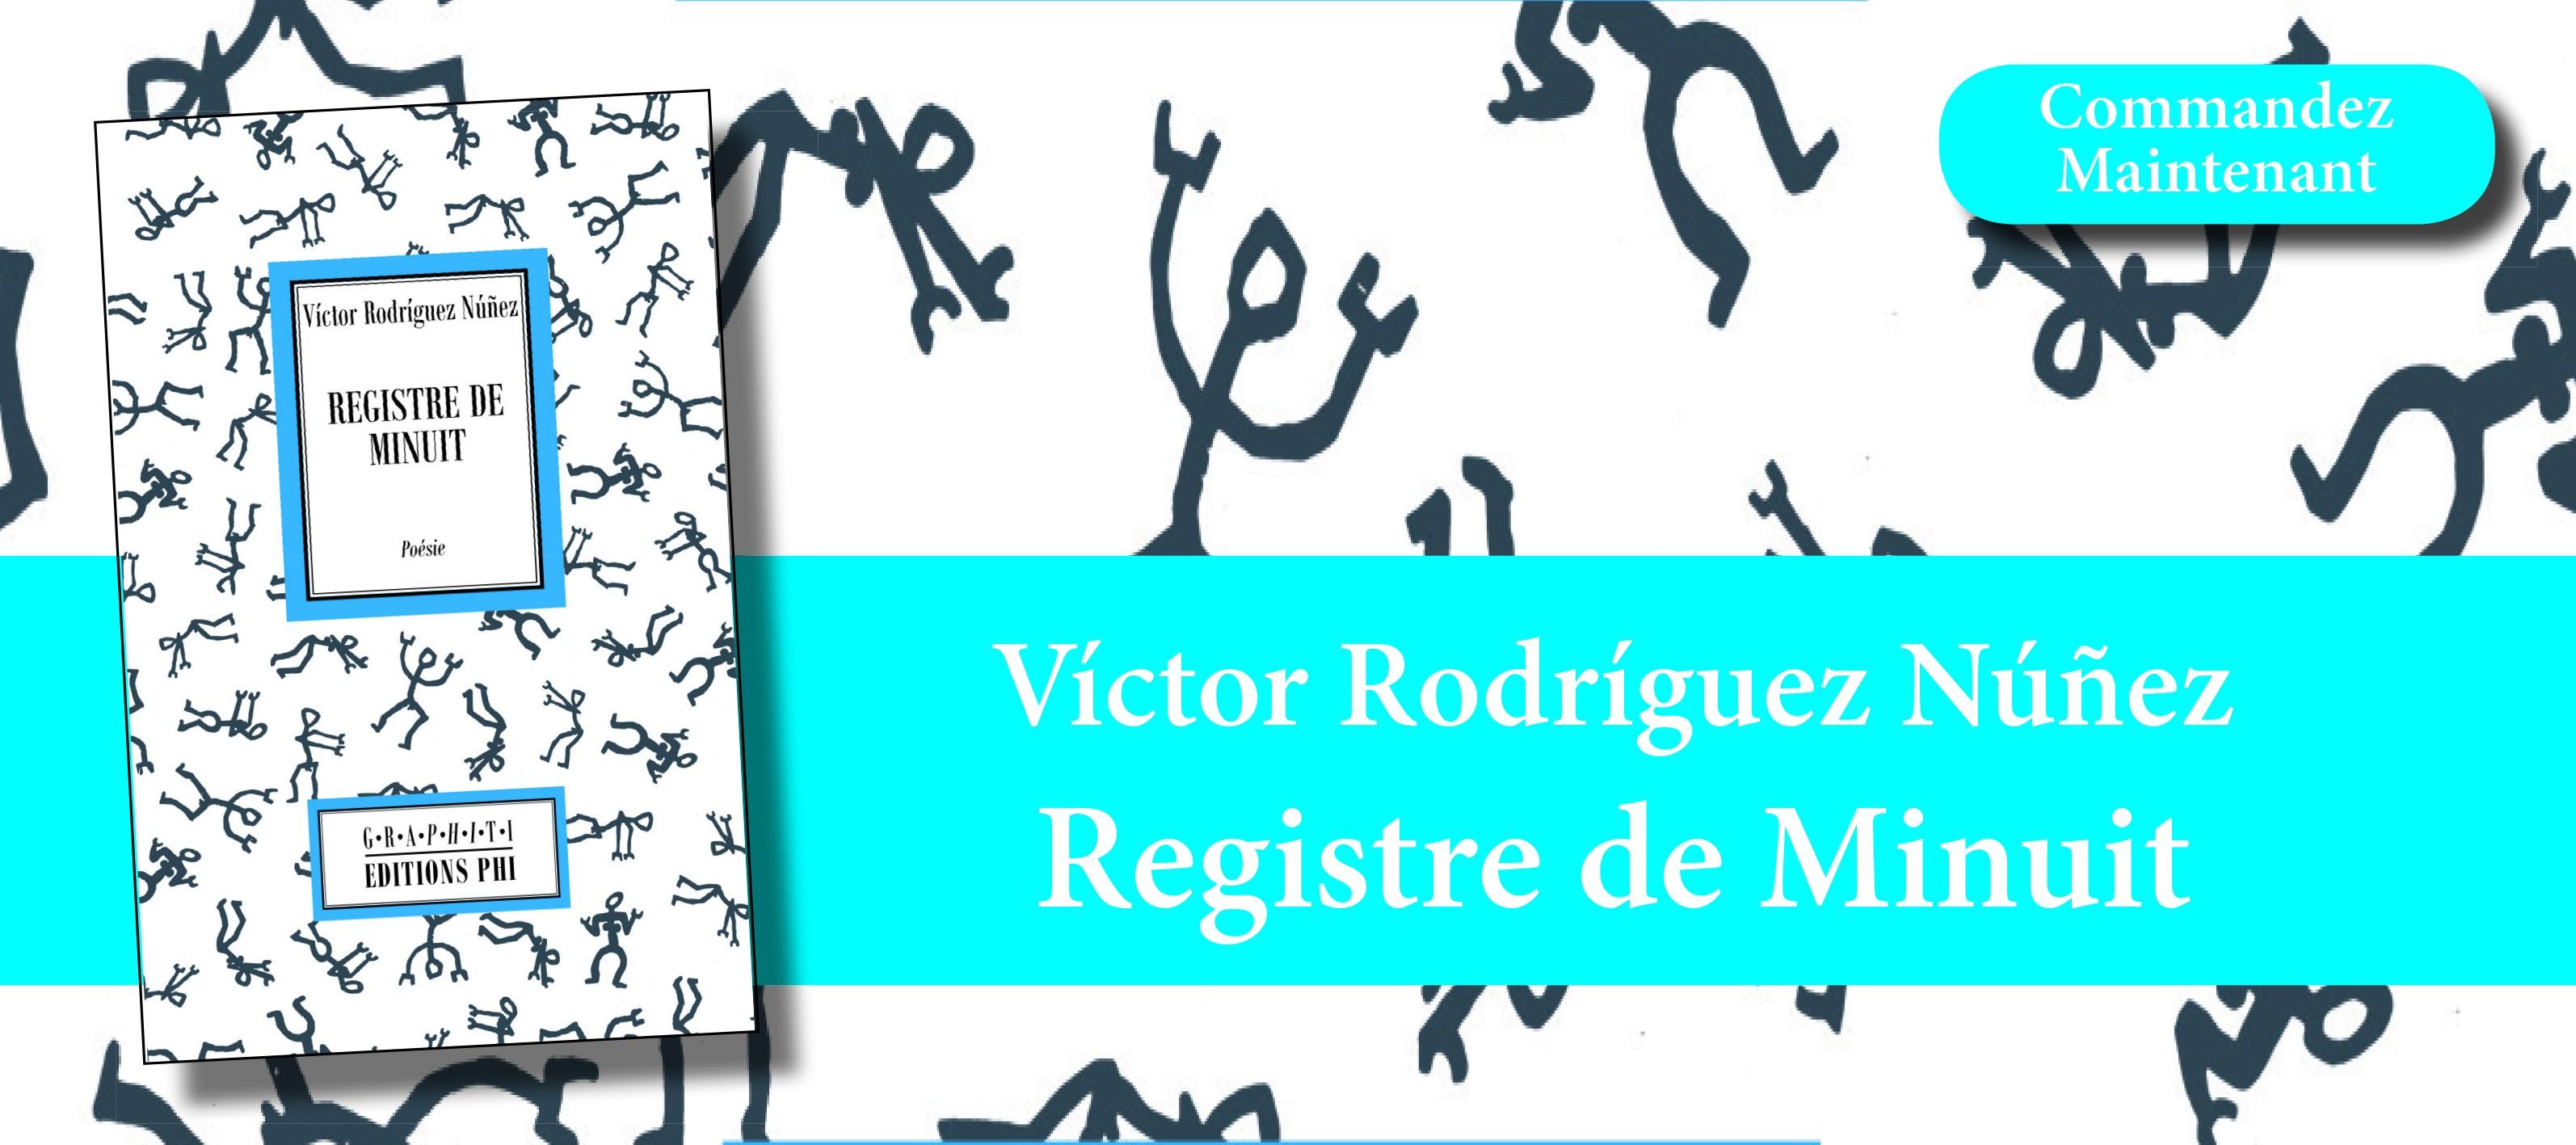 Víctor Rodríguez Núñez - Registre de Minuit